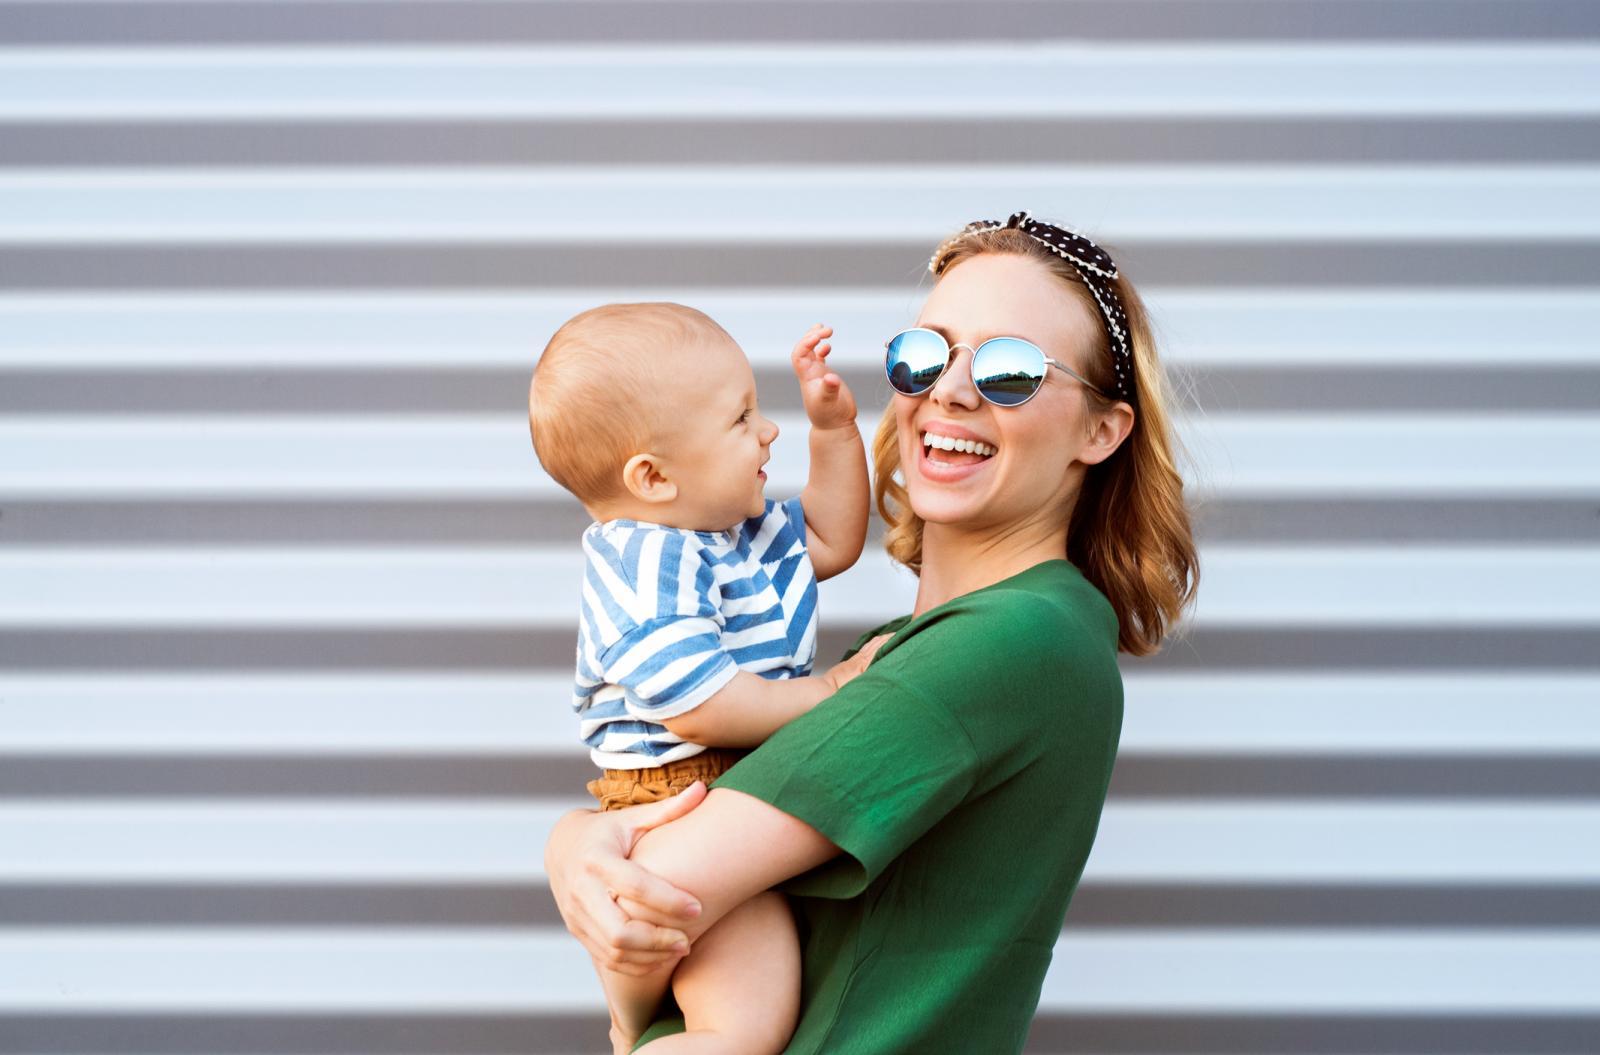 Ovakvo druženje odlična je prigoda da o majčinstvu i odgoju doznate puno više nego što piše u knjigama.